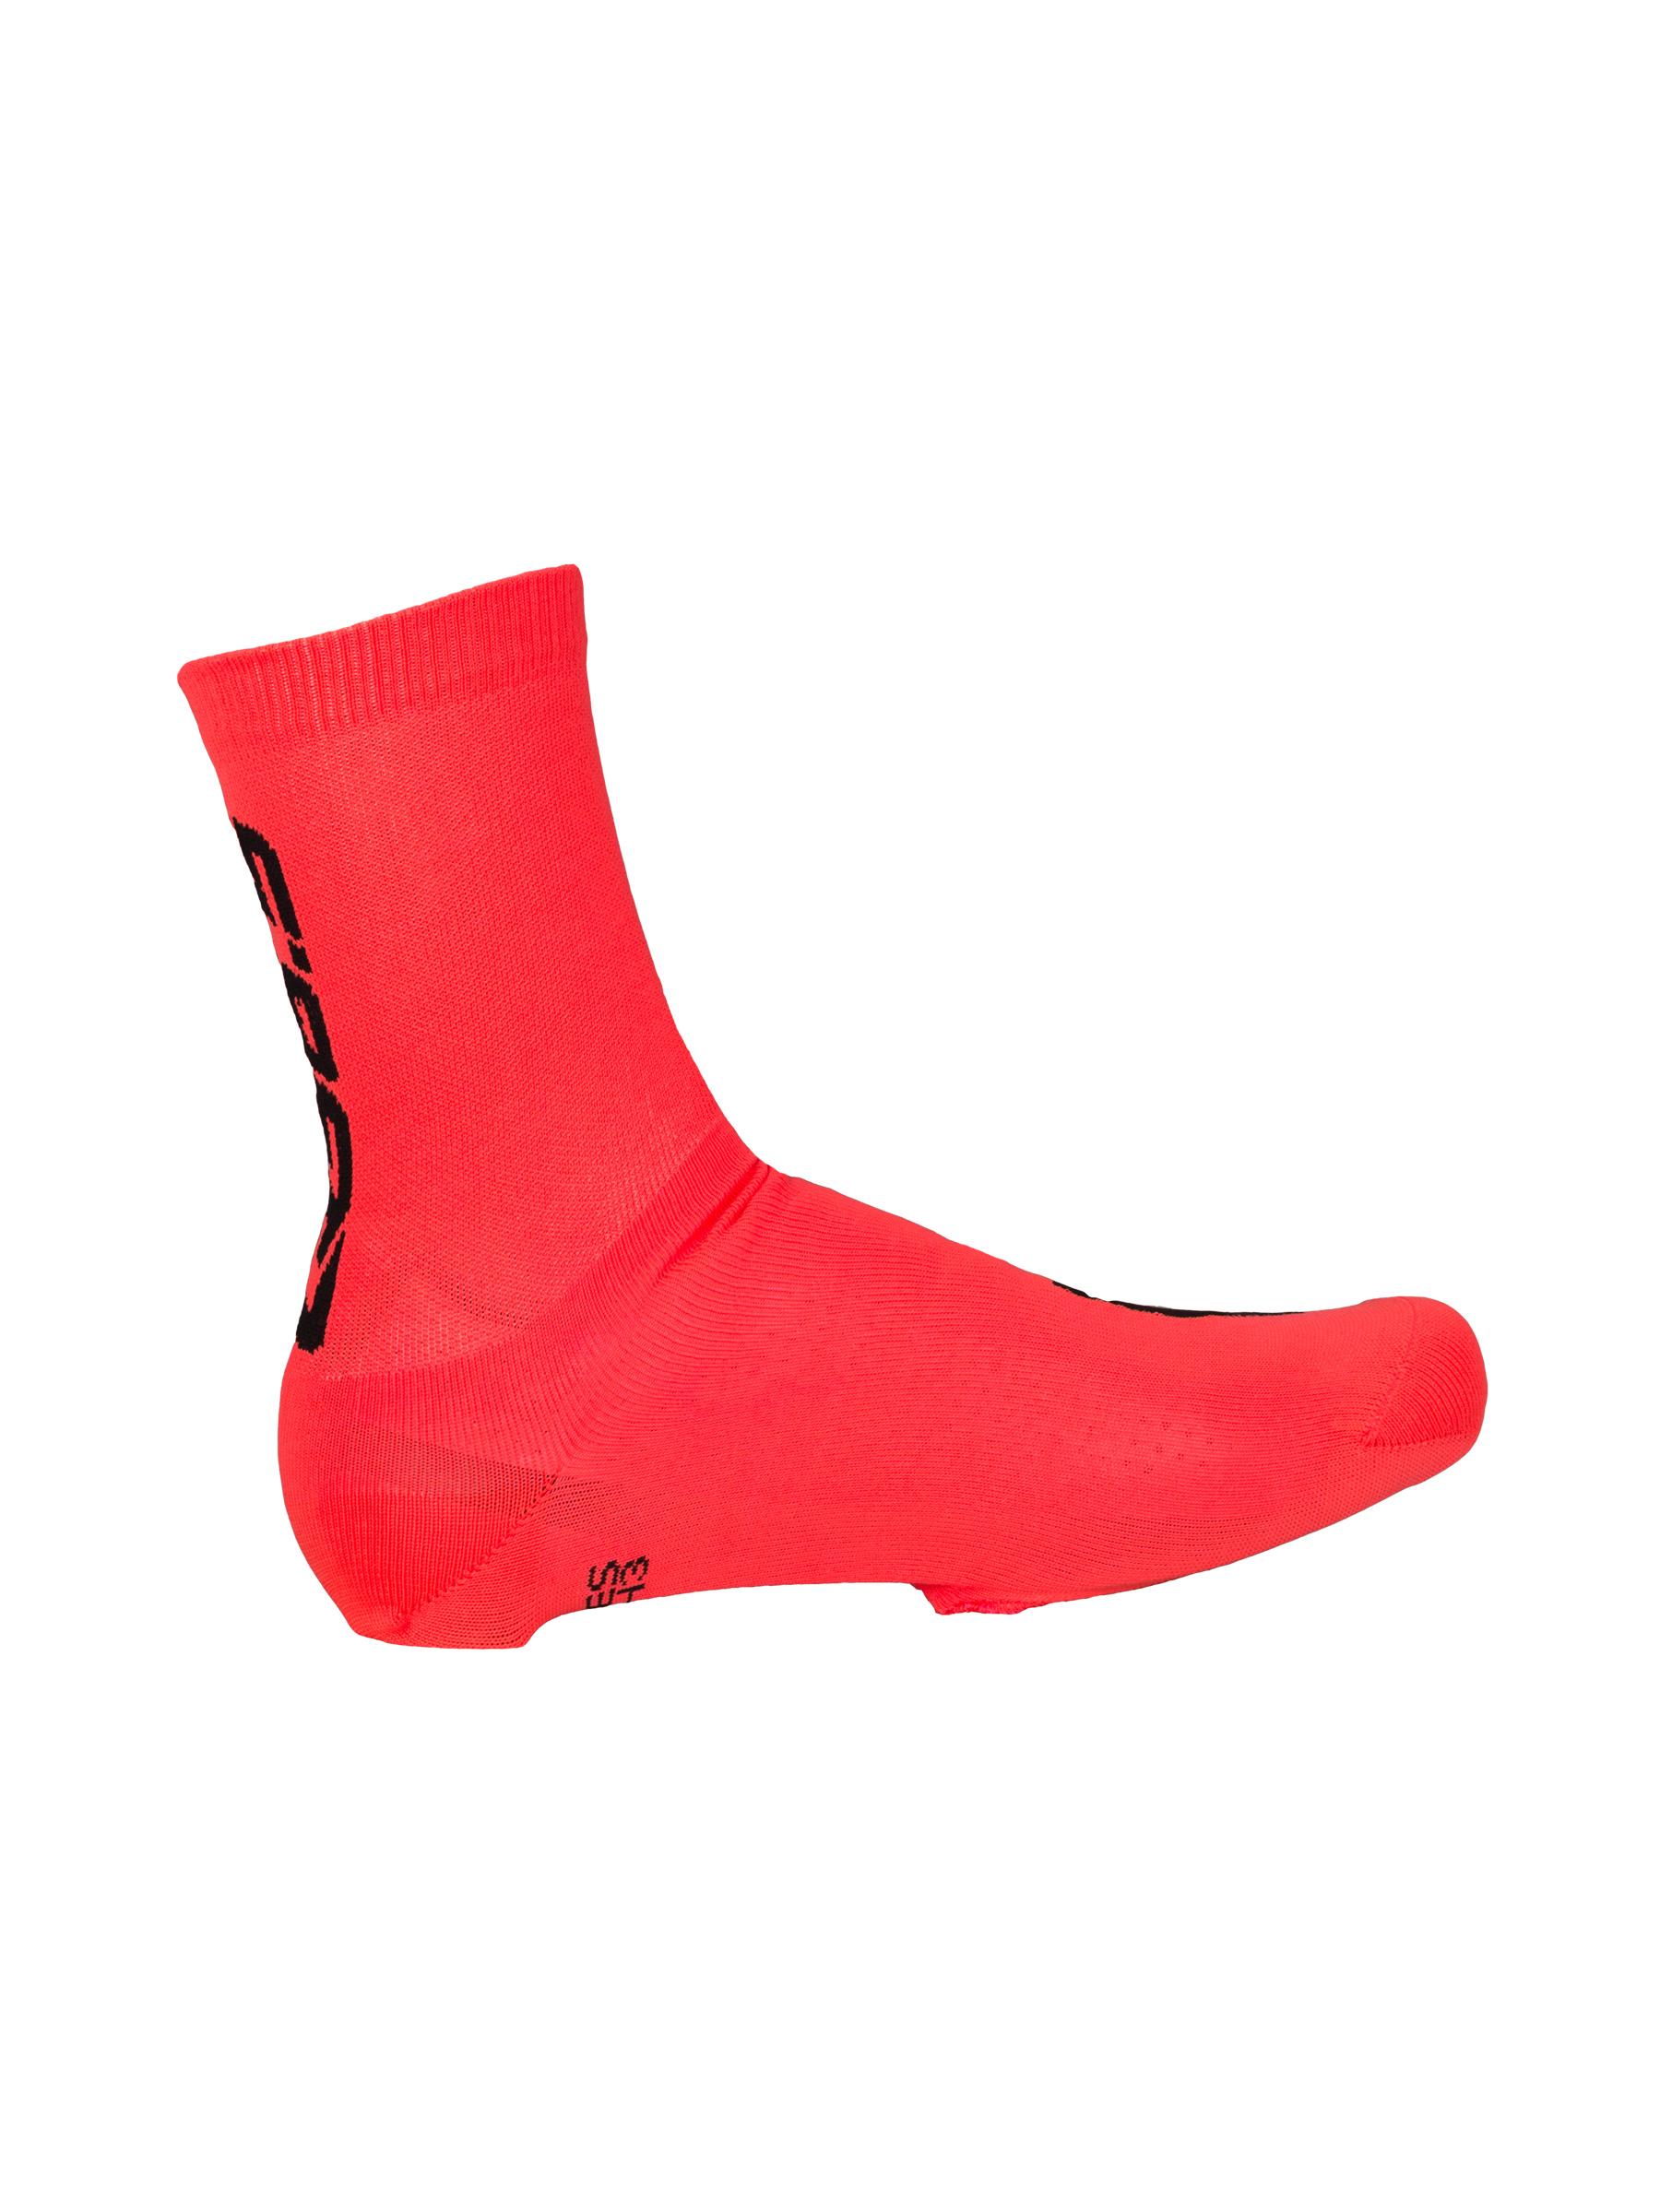 Overshoes Cordura